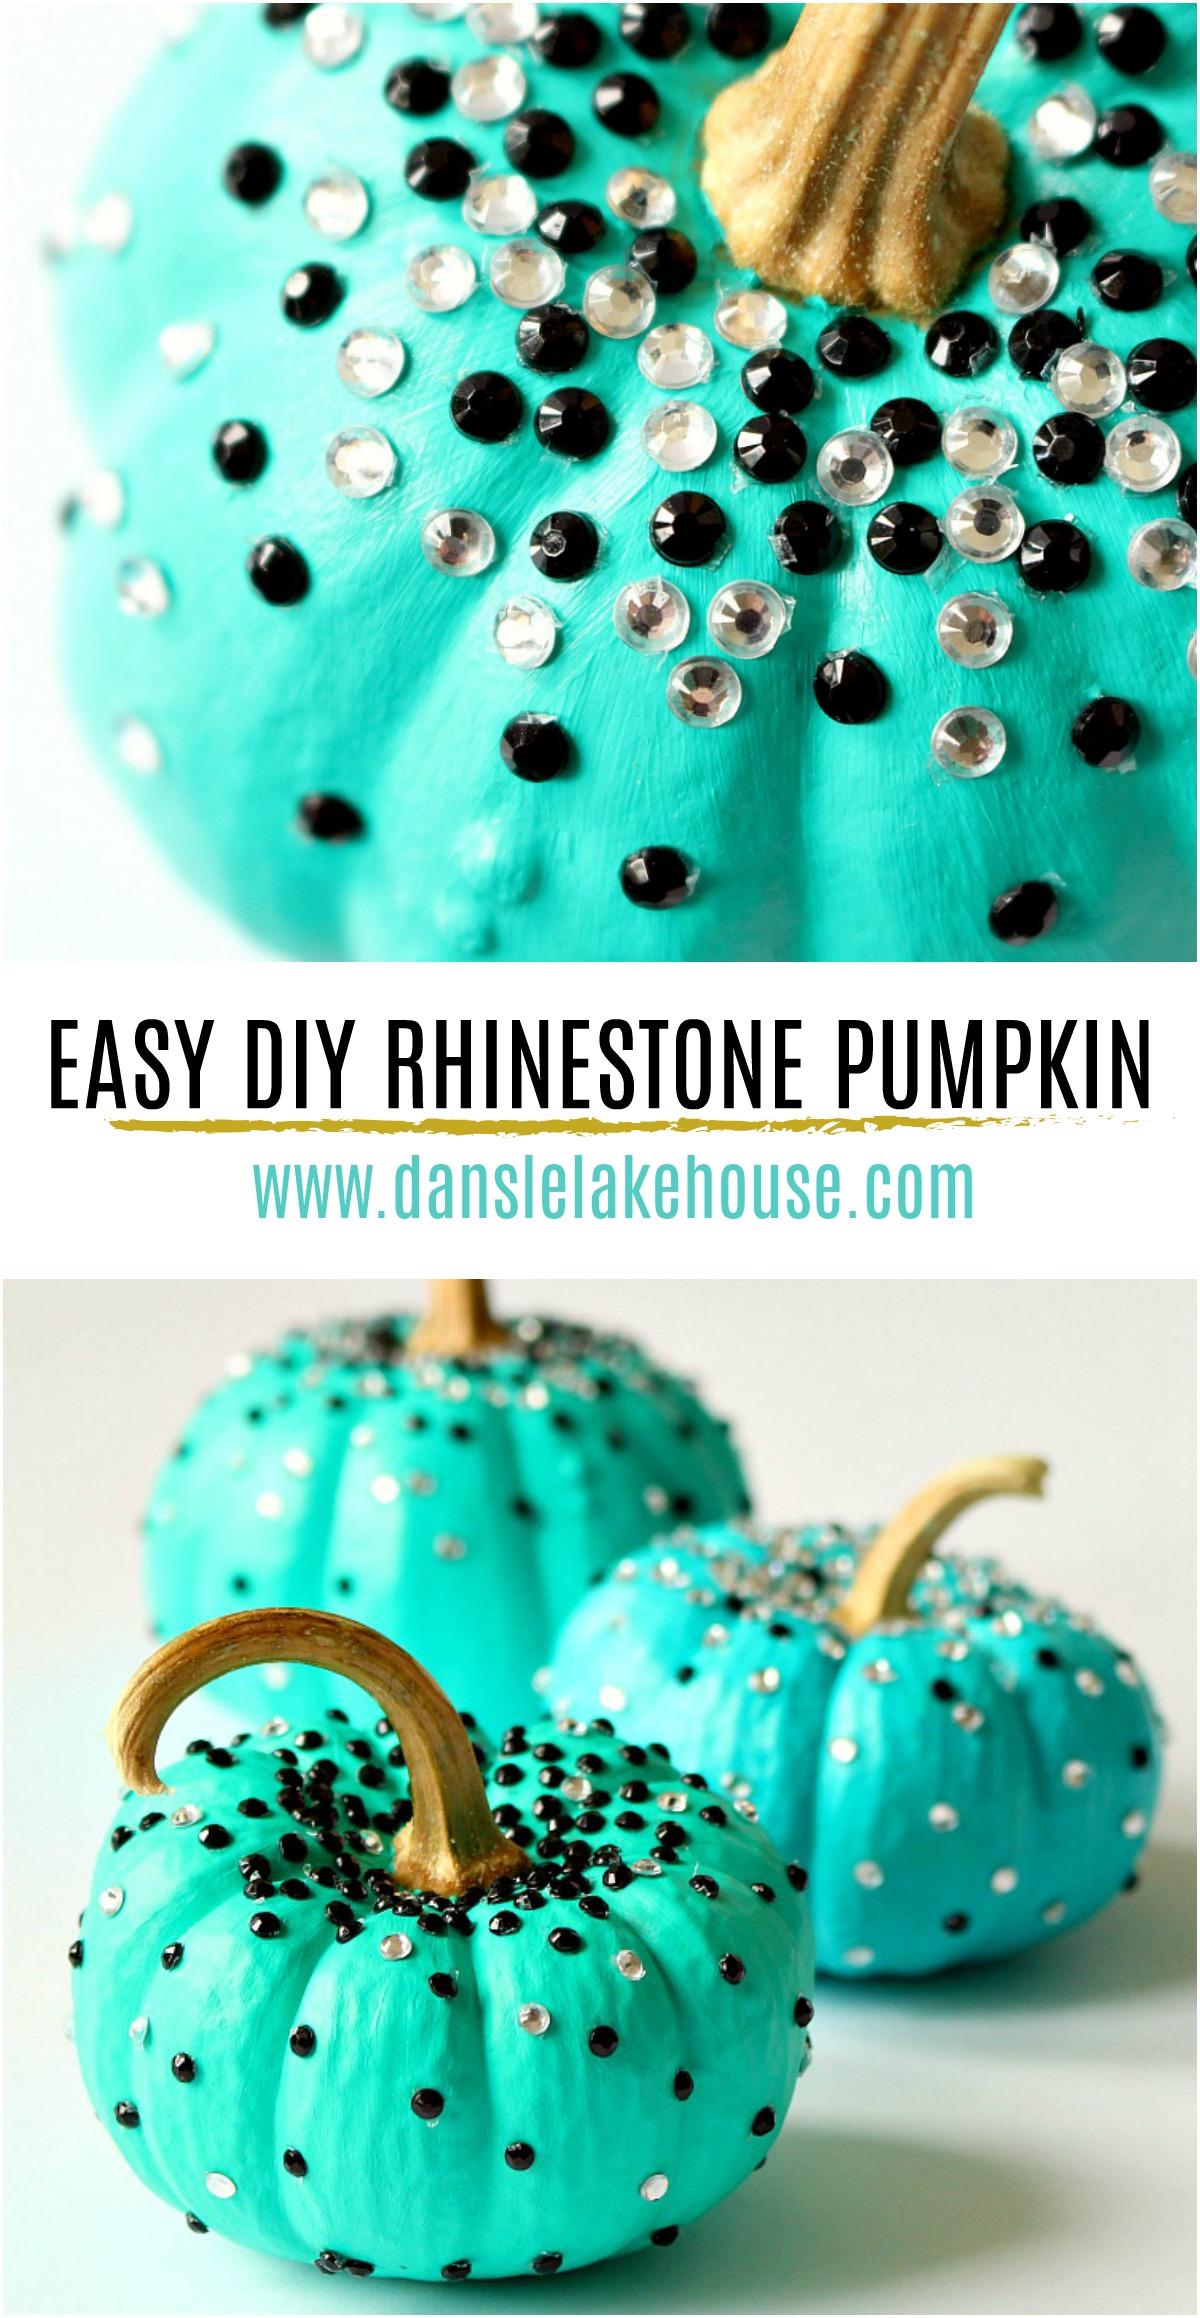 Easy DIY Rhinestone Pumpkin